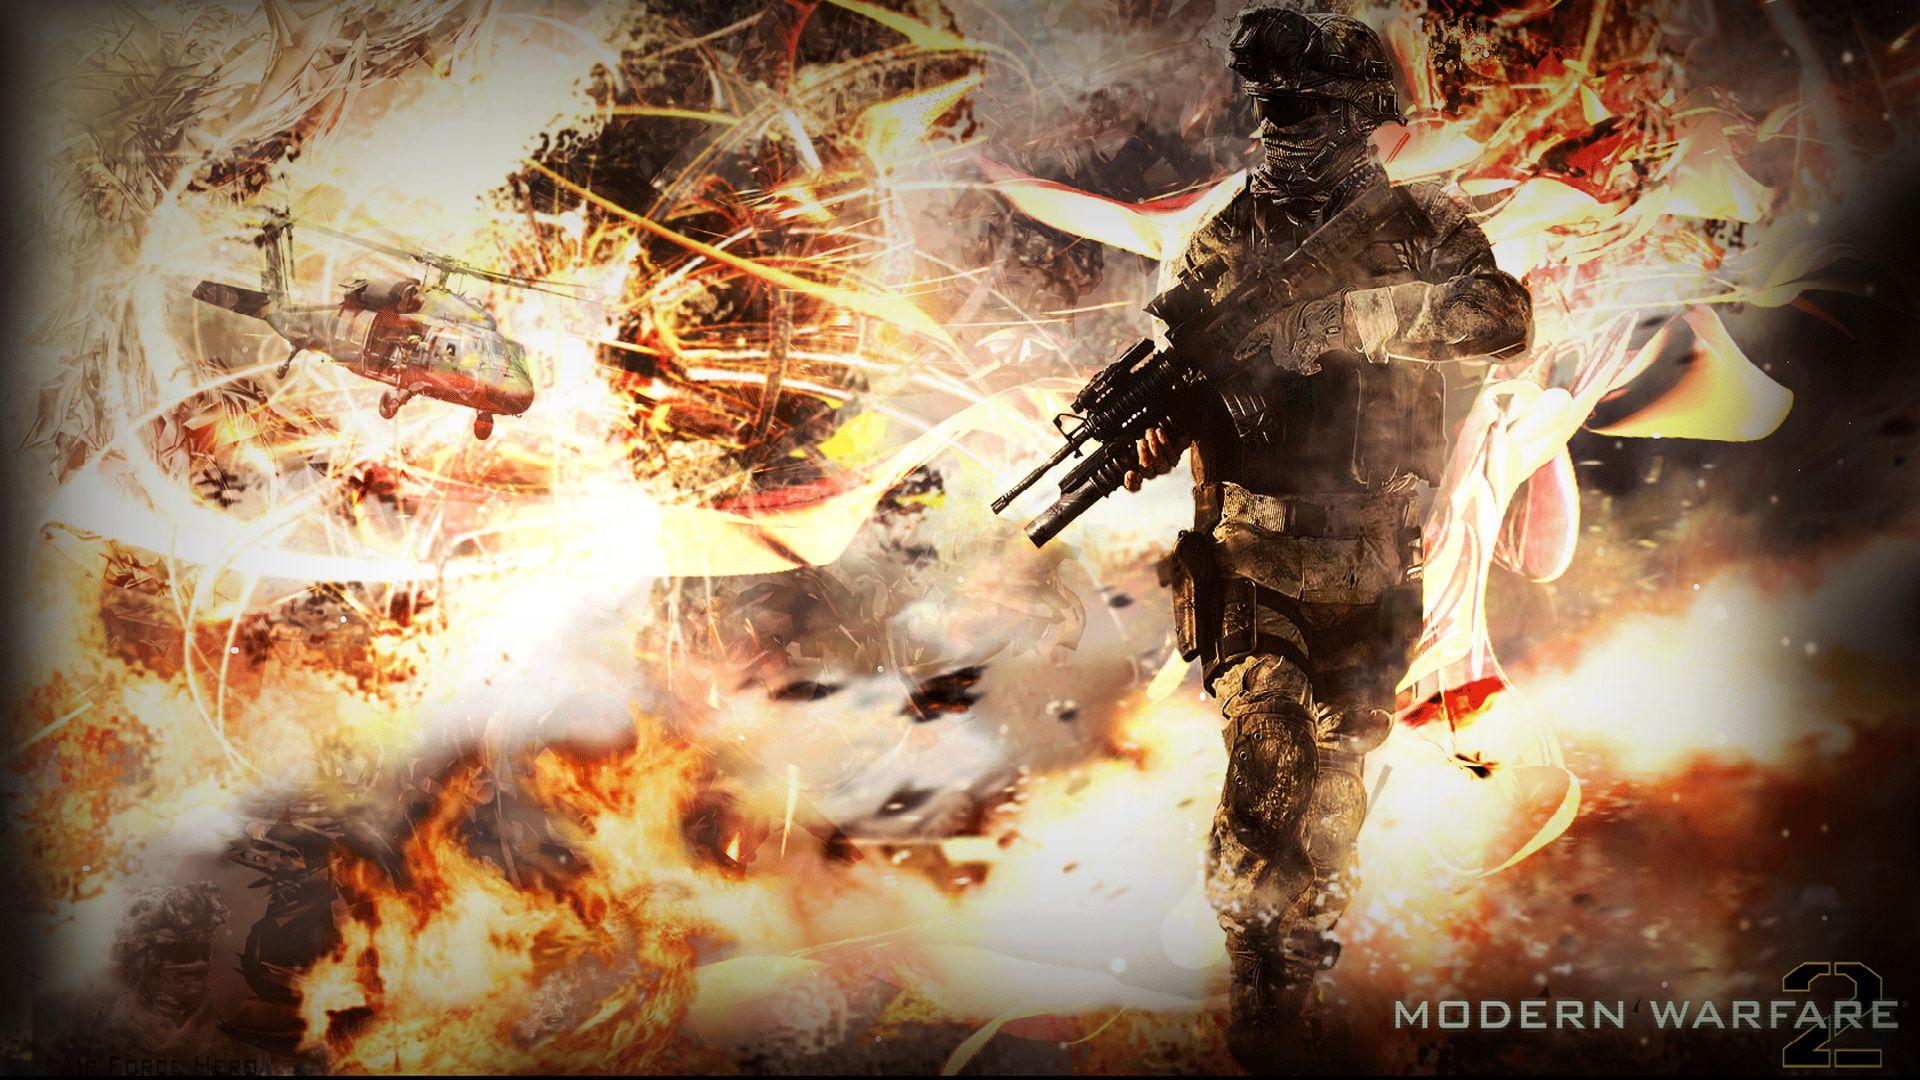 Call Of Duty Duty Modern Warfare 2 552009 Hd Wallpaper